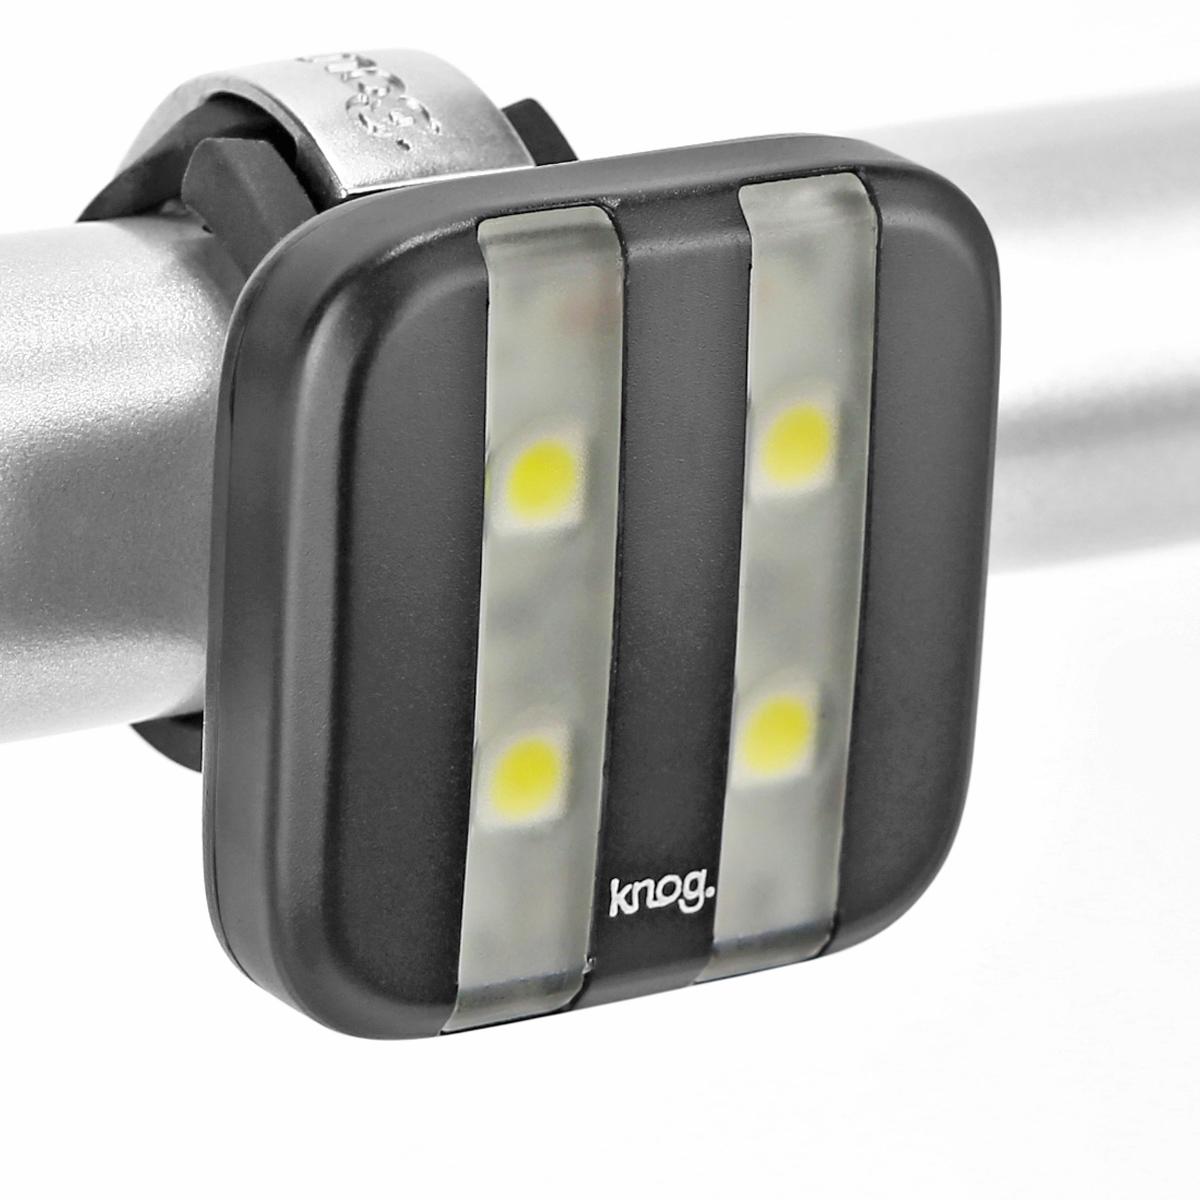 Éclairage arrière Knog Blinder Ligne 4 LED - Noir